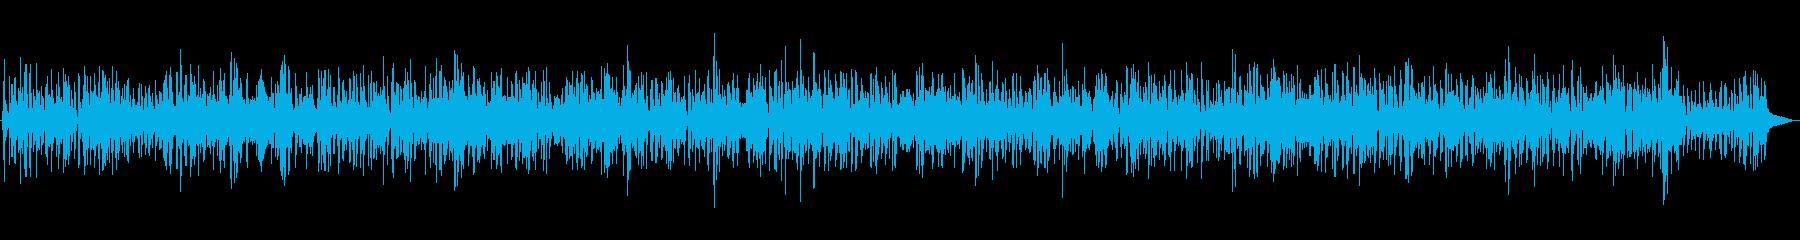 ピアノの優しく穏やかなジャズBGMの再生済みの波形